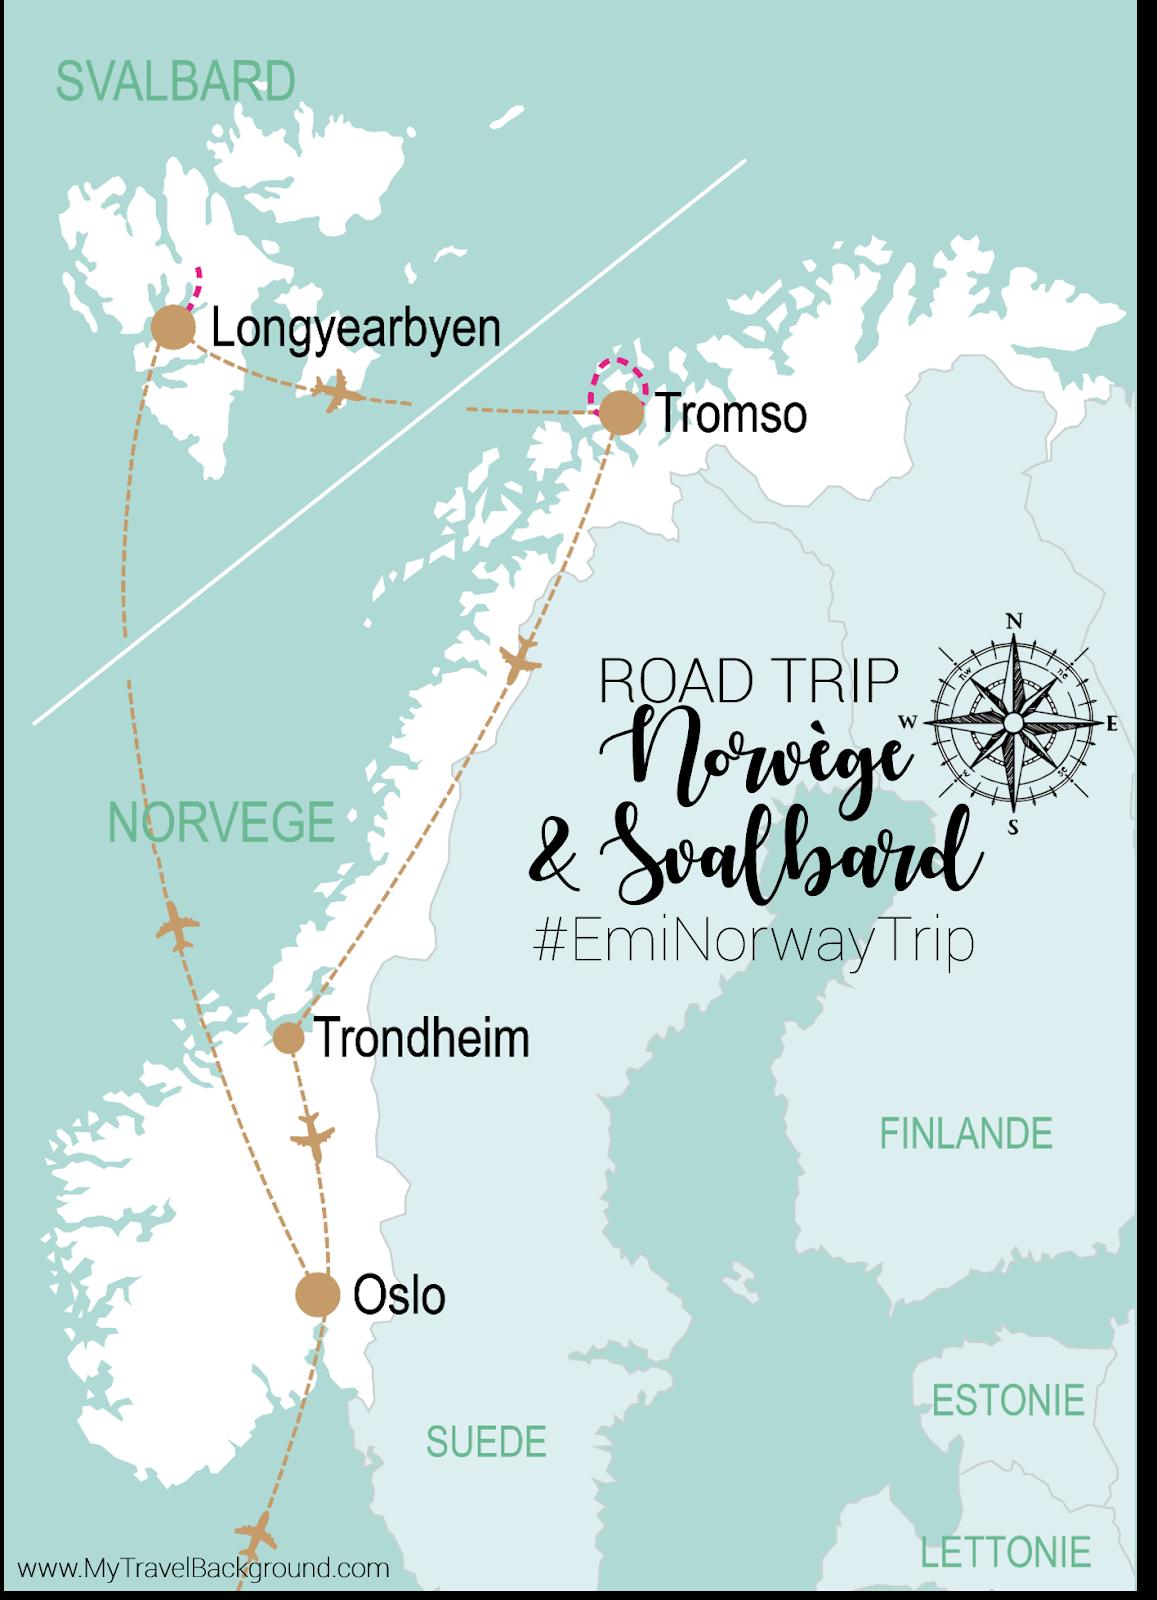 My Travel Background : 13 jours en Norvège et au Svalbard : itinéraire du road trip et infos pratiques - Carte du road trip